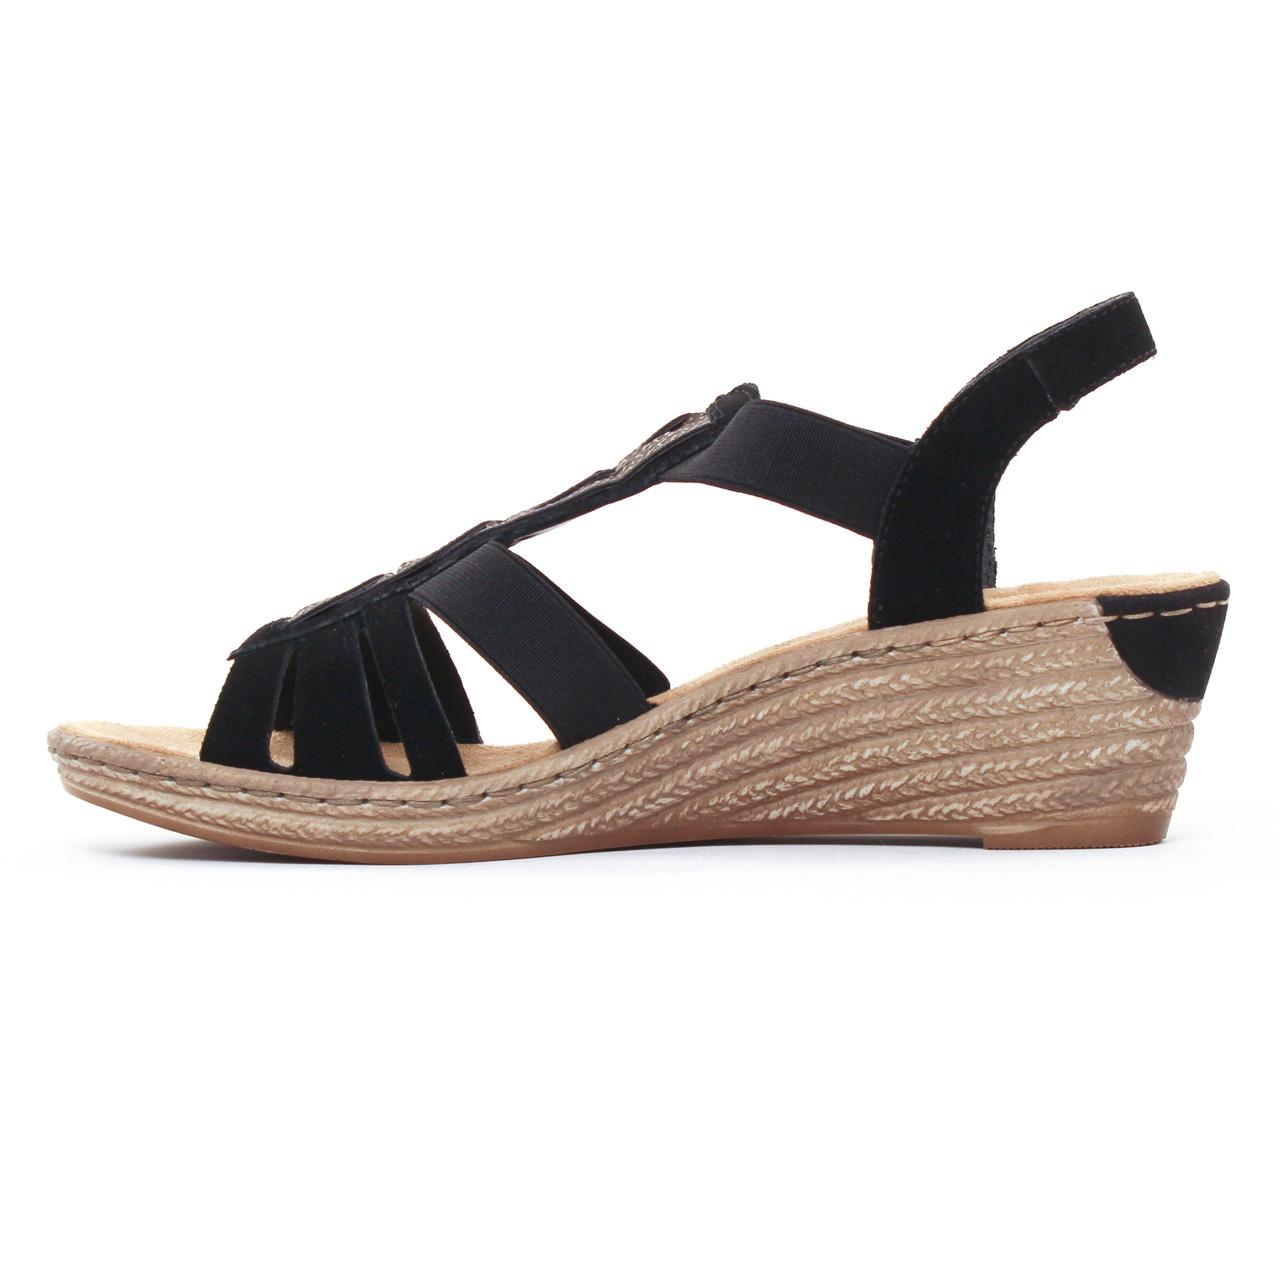 Sandales Compensées Noires Avec Strass Rieker Rieker s9nMkUIp